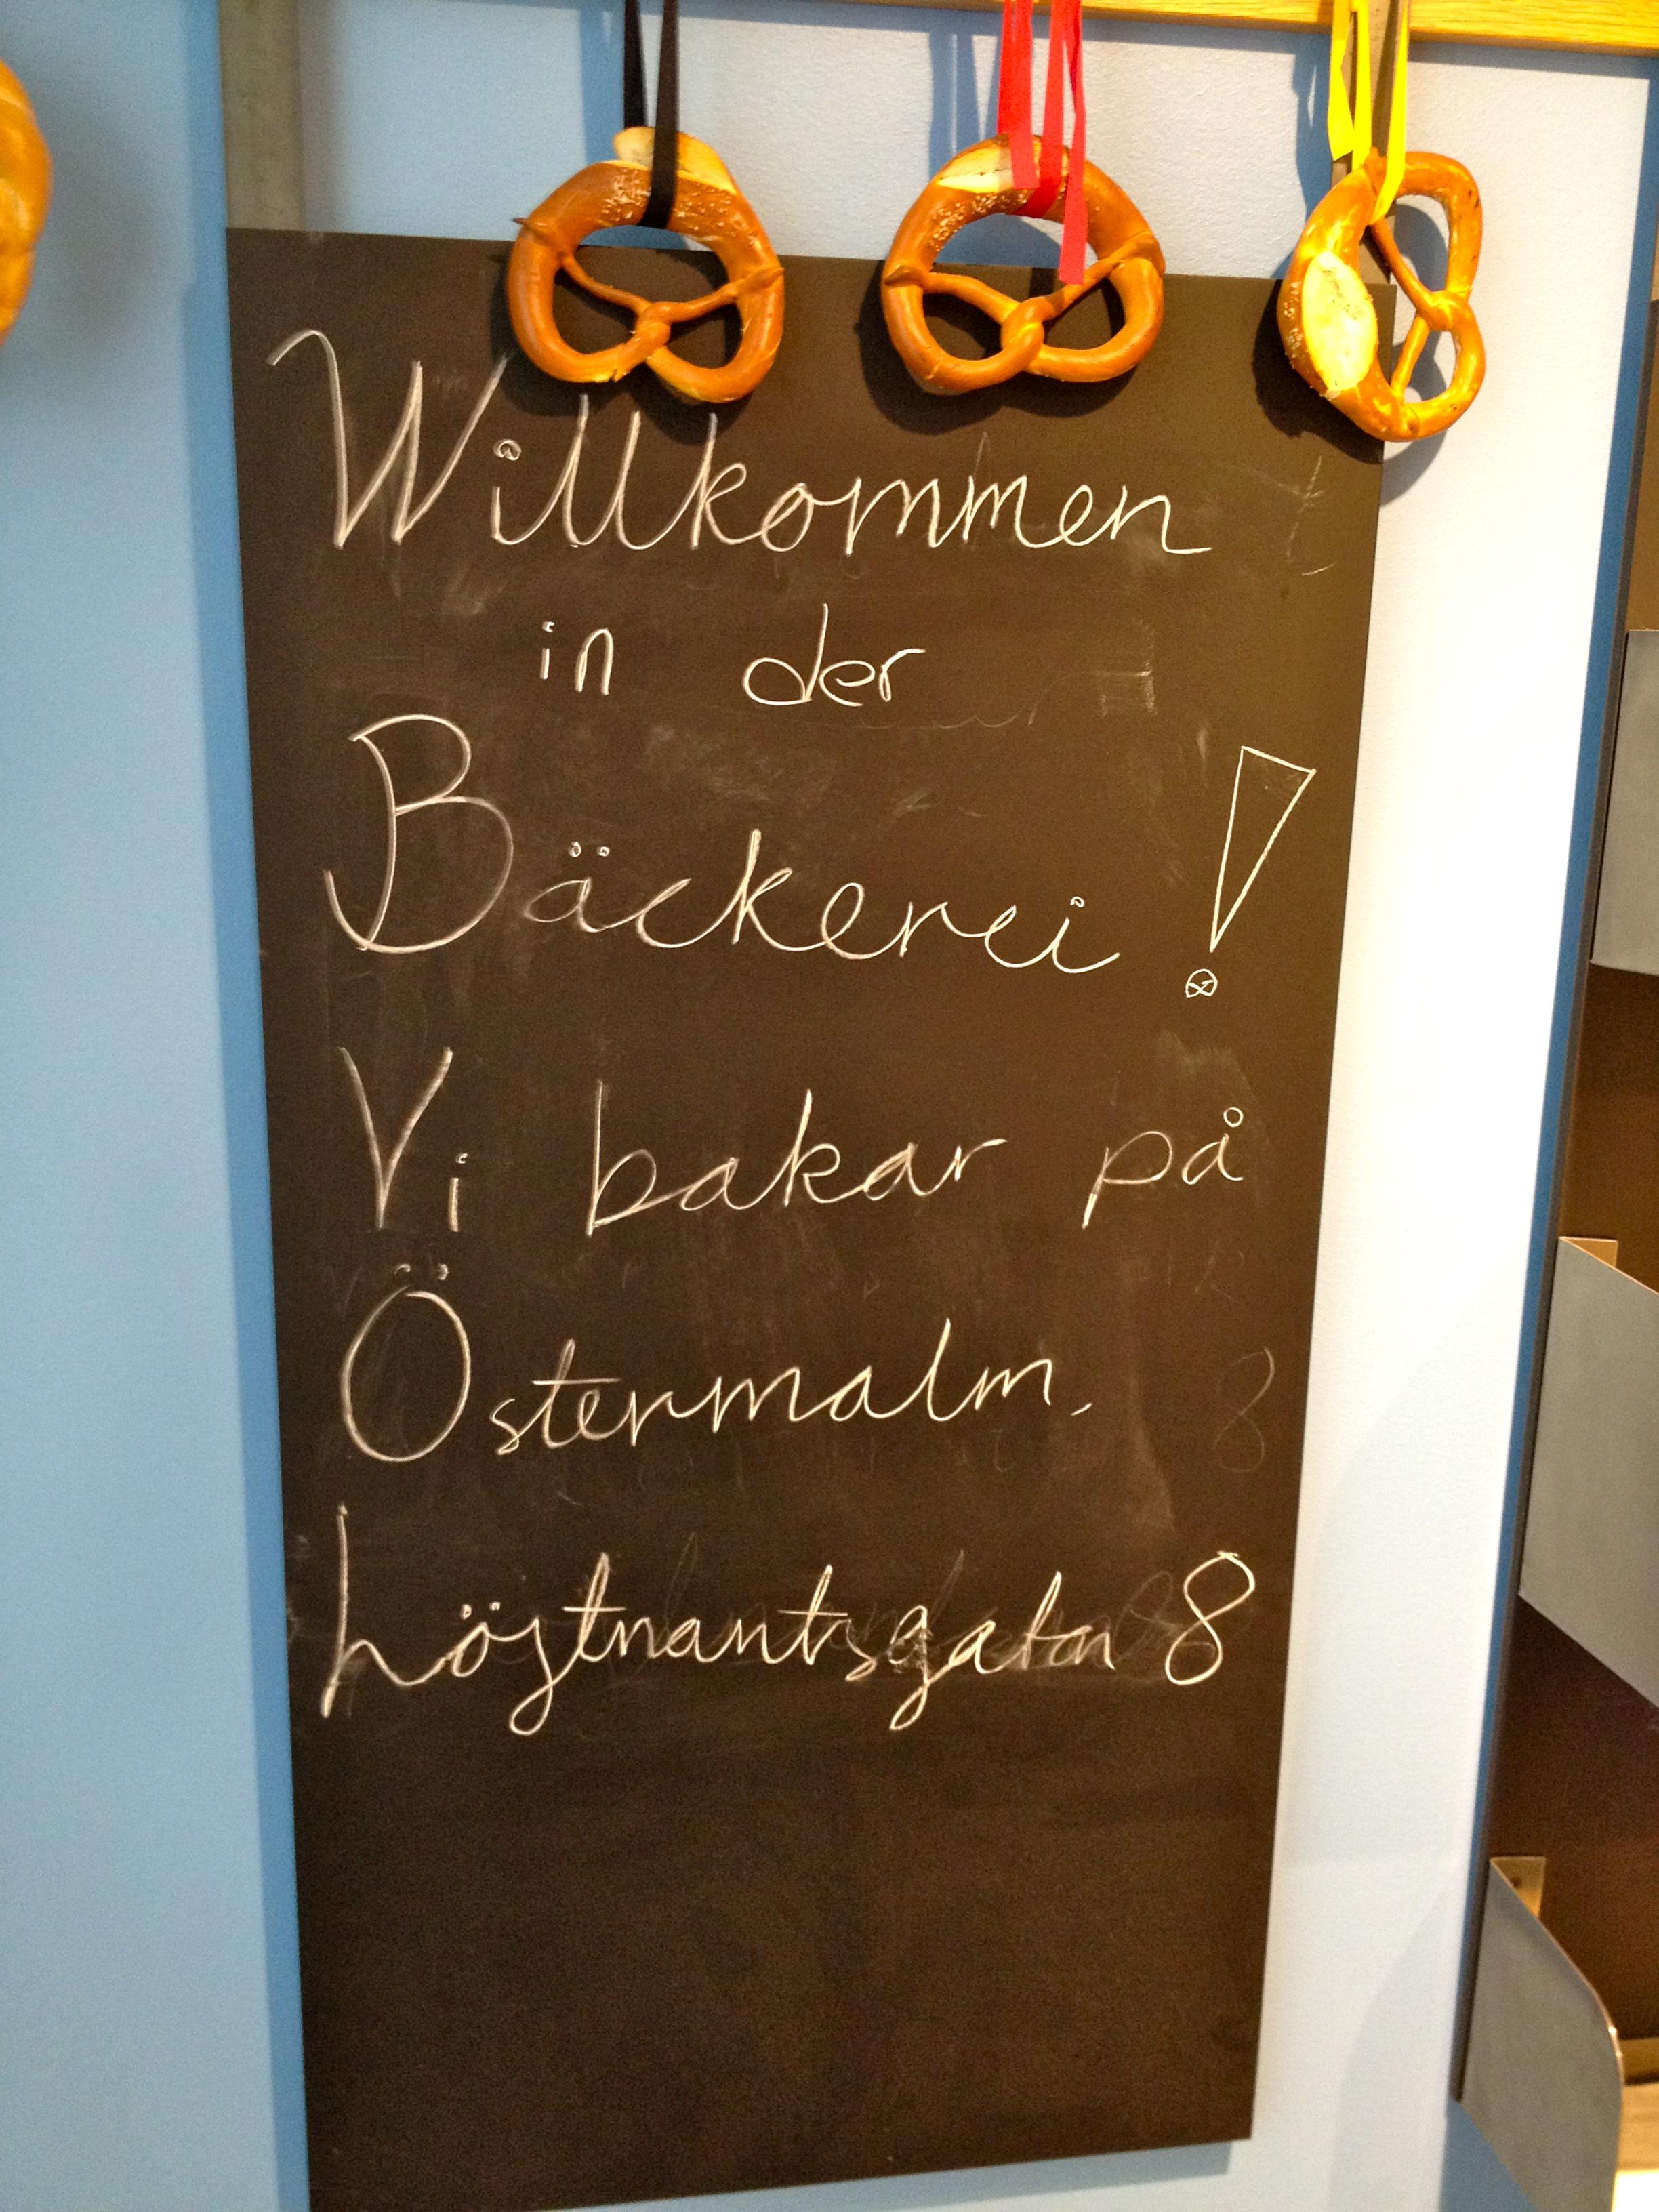 Robbans bästa besöker: Bäckerei